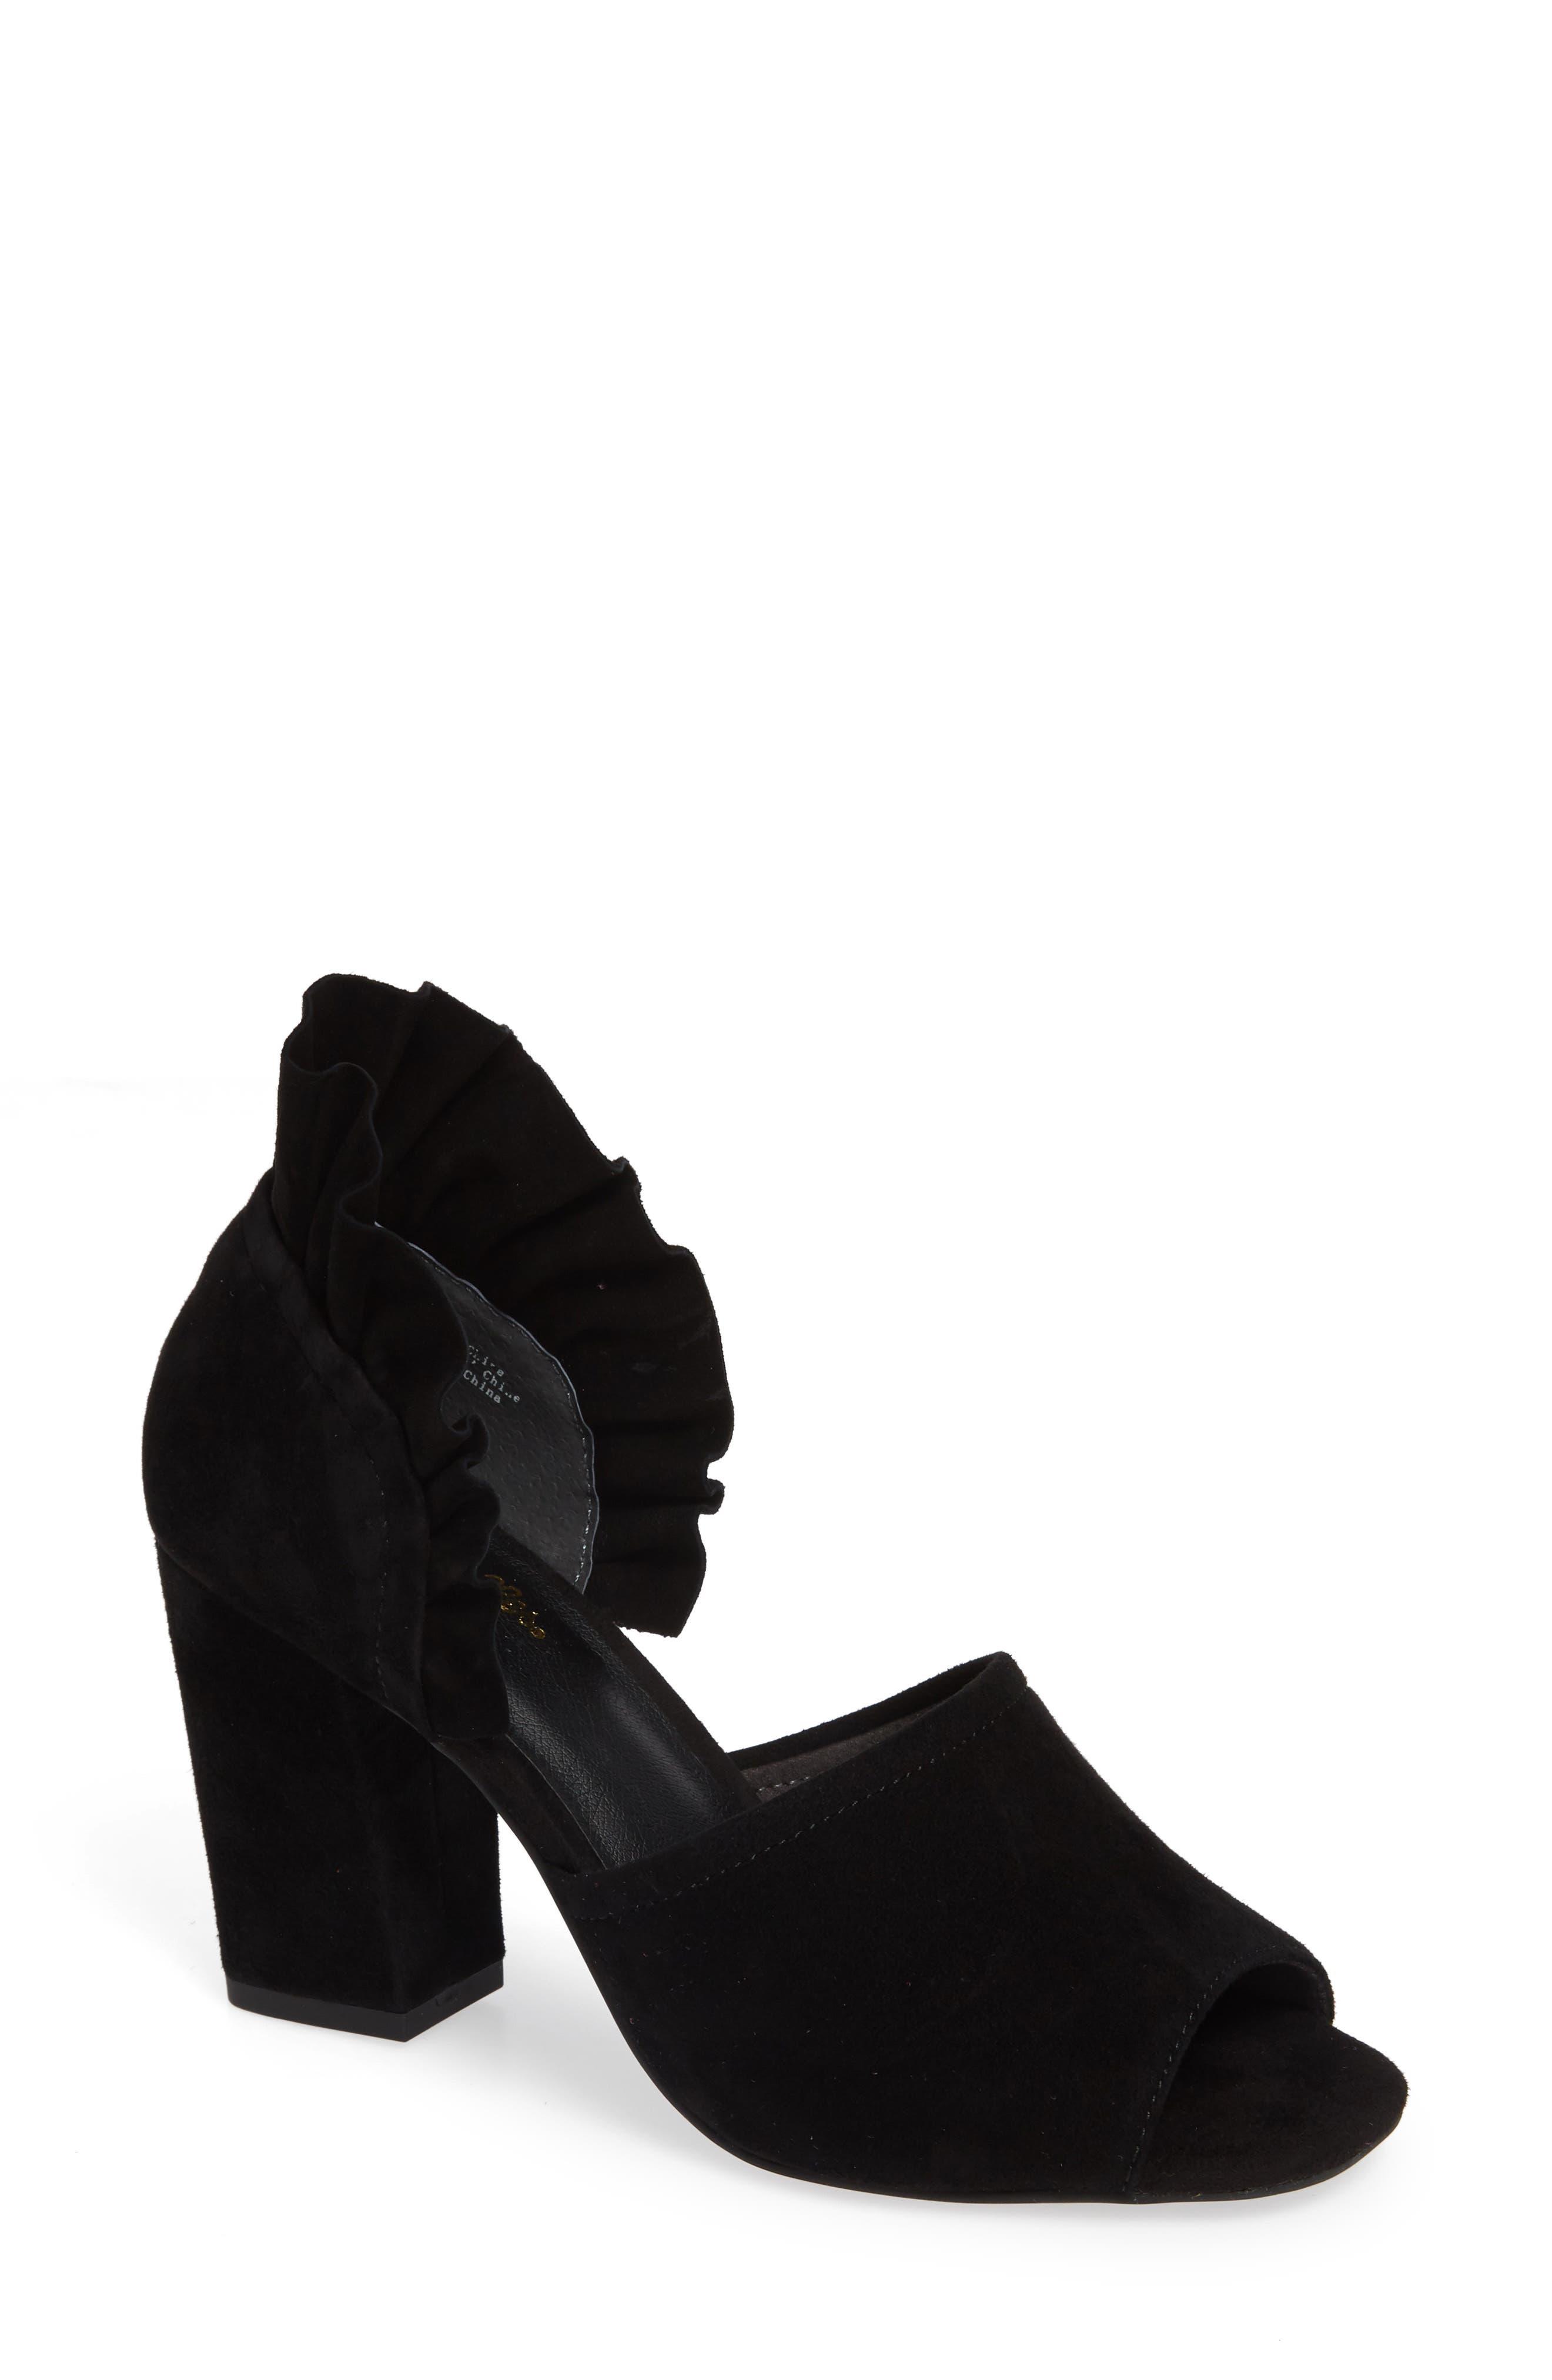 Tropical Sandal,                             Main thumbnail 1, color,                             BLACK SUEDE